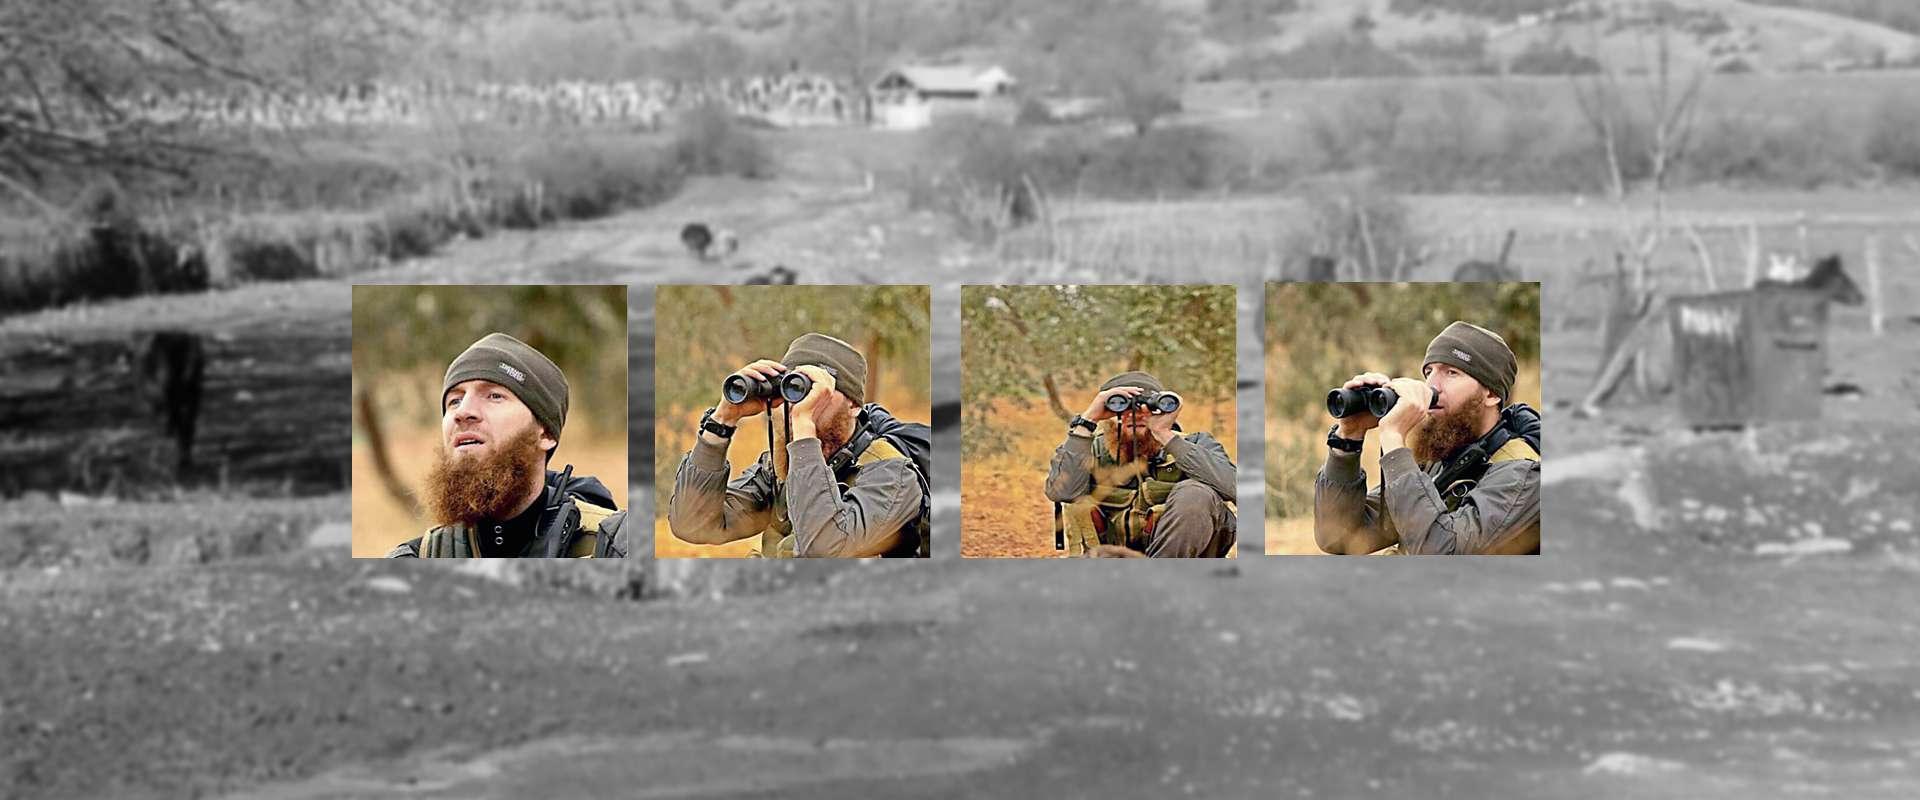 Tajna doline Pankisi iz koje mladi odlaze u džihad